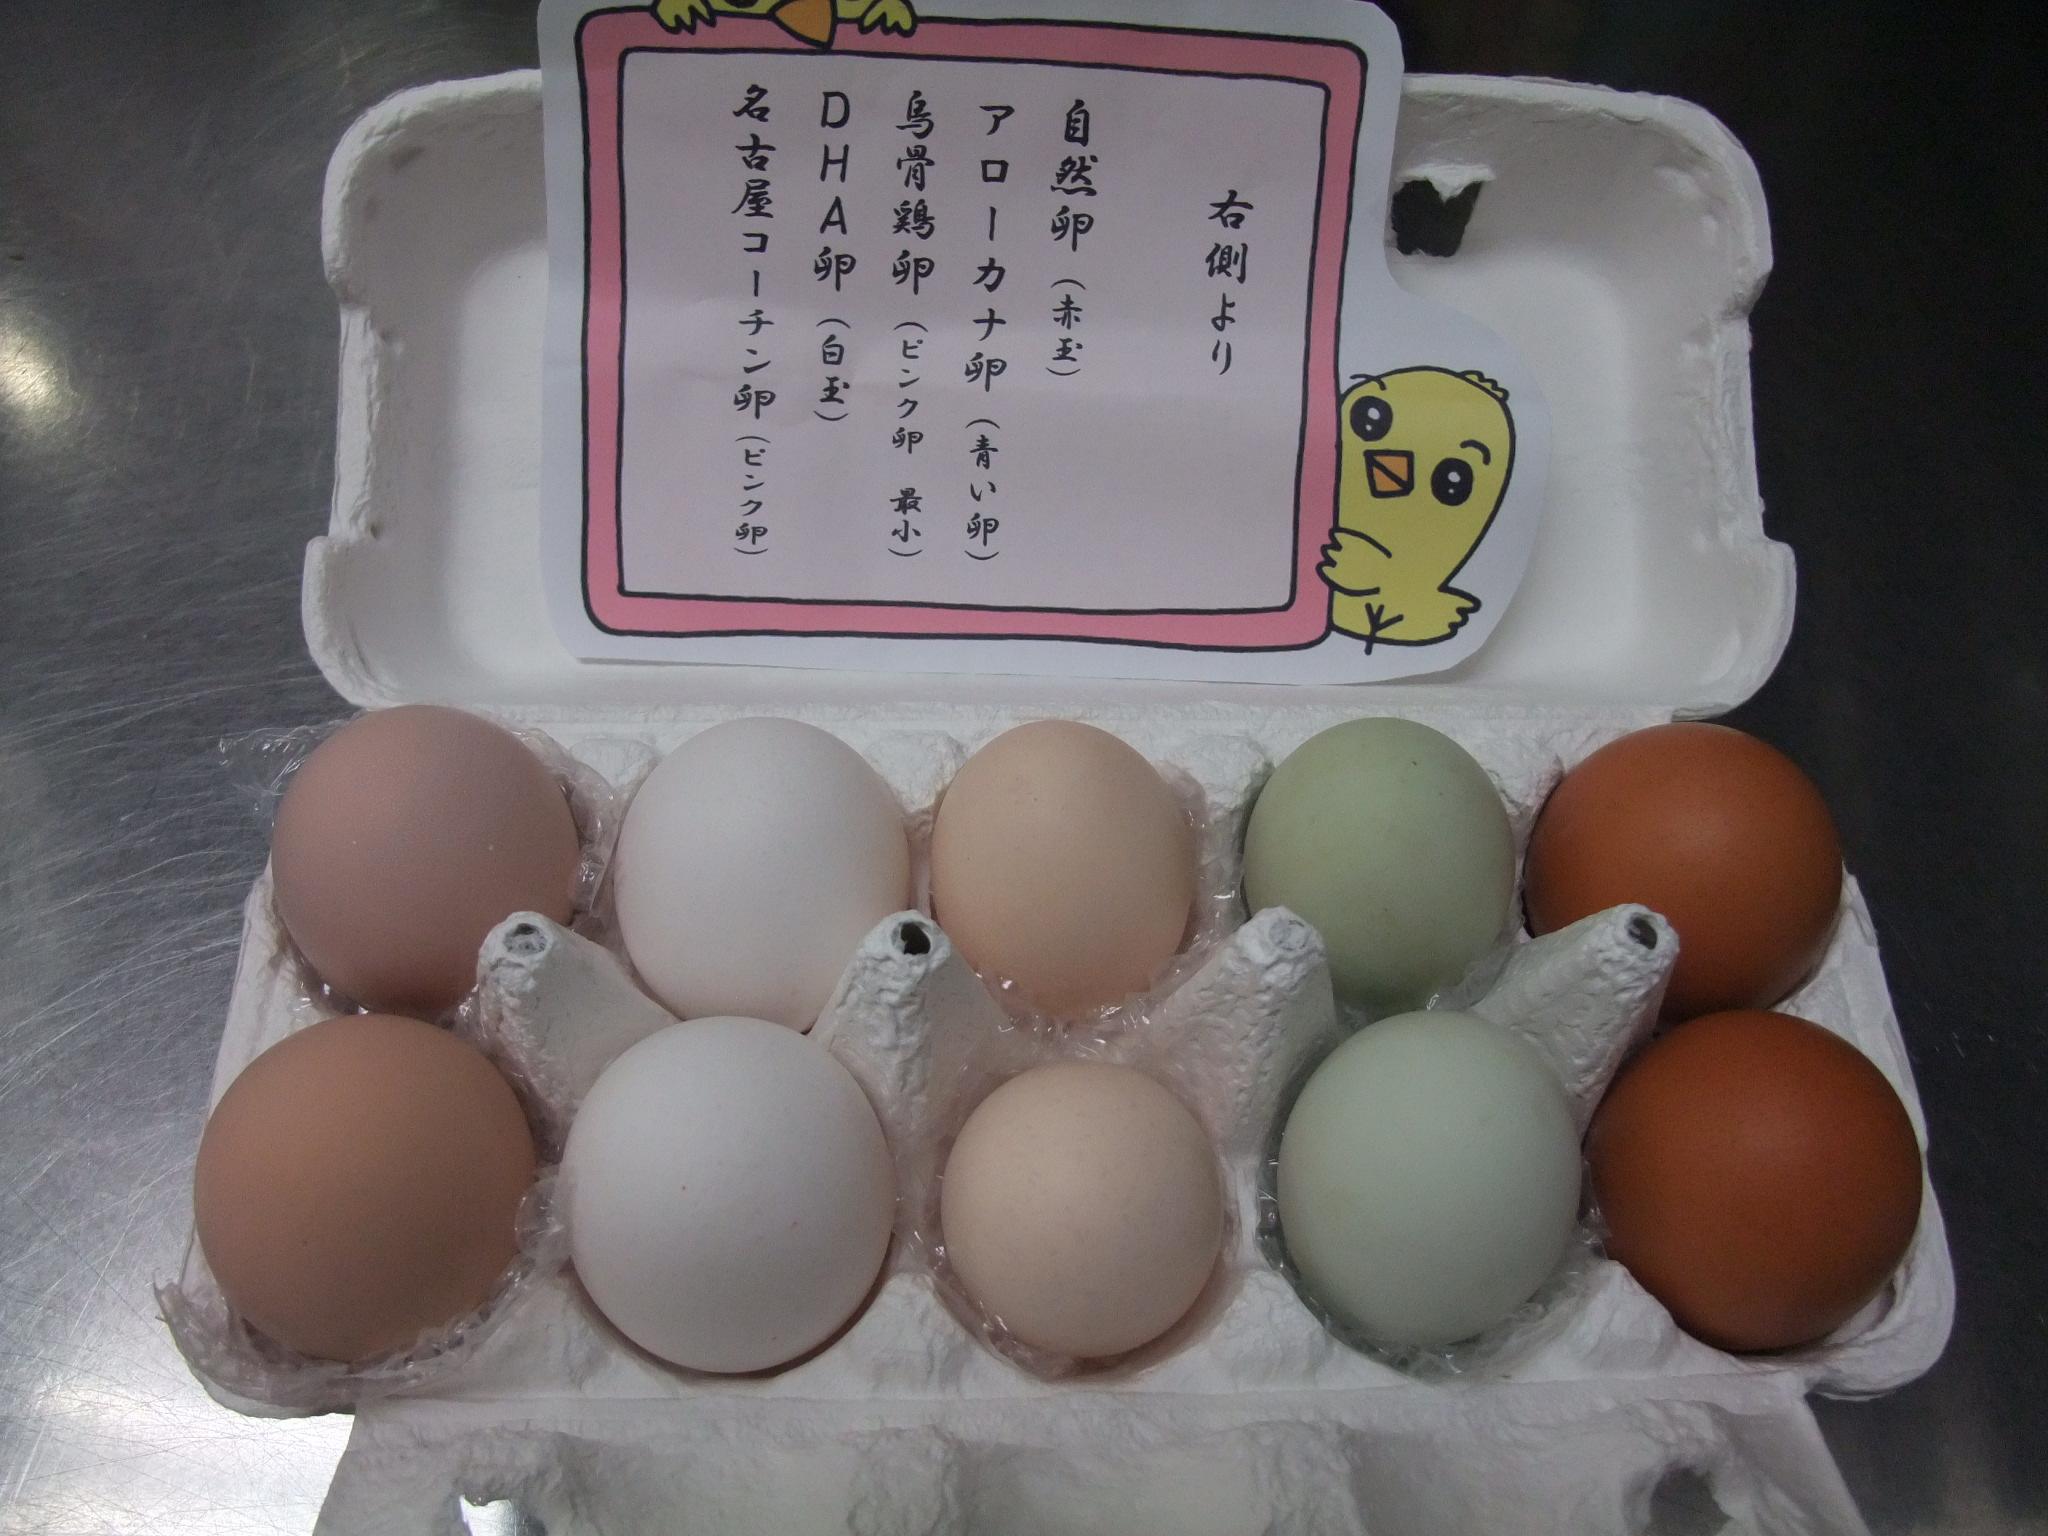 いろいろ鶏卵の食べ比べ